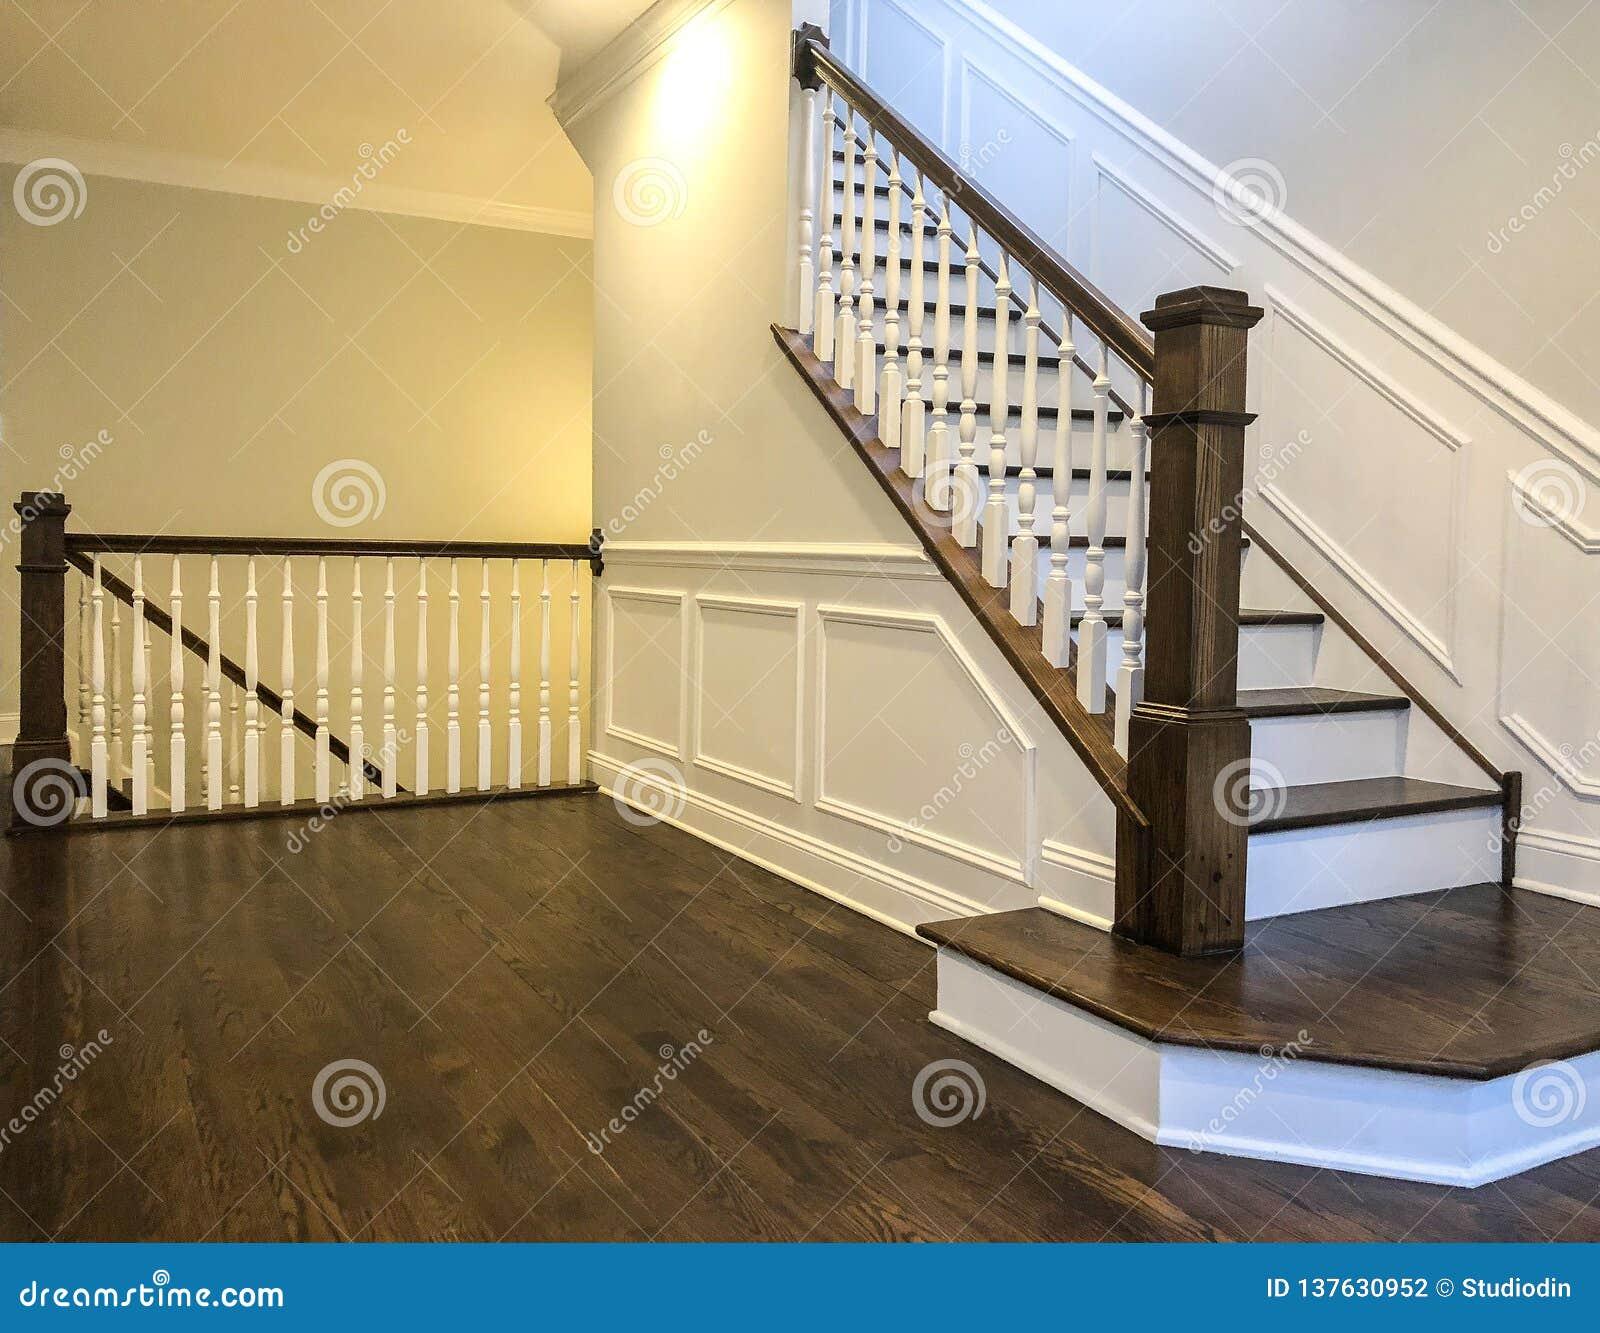 Prospective shoot of the dark cherry hardwood floor.